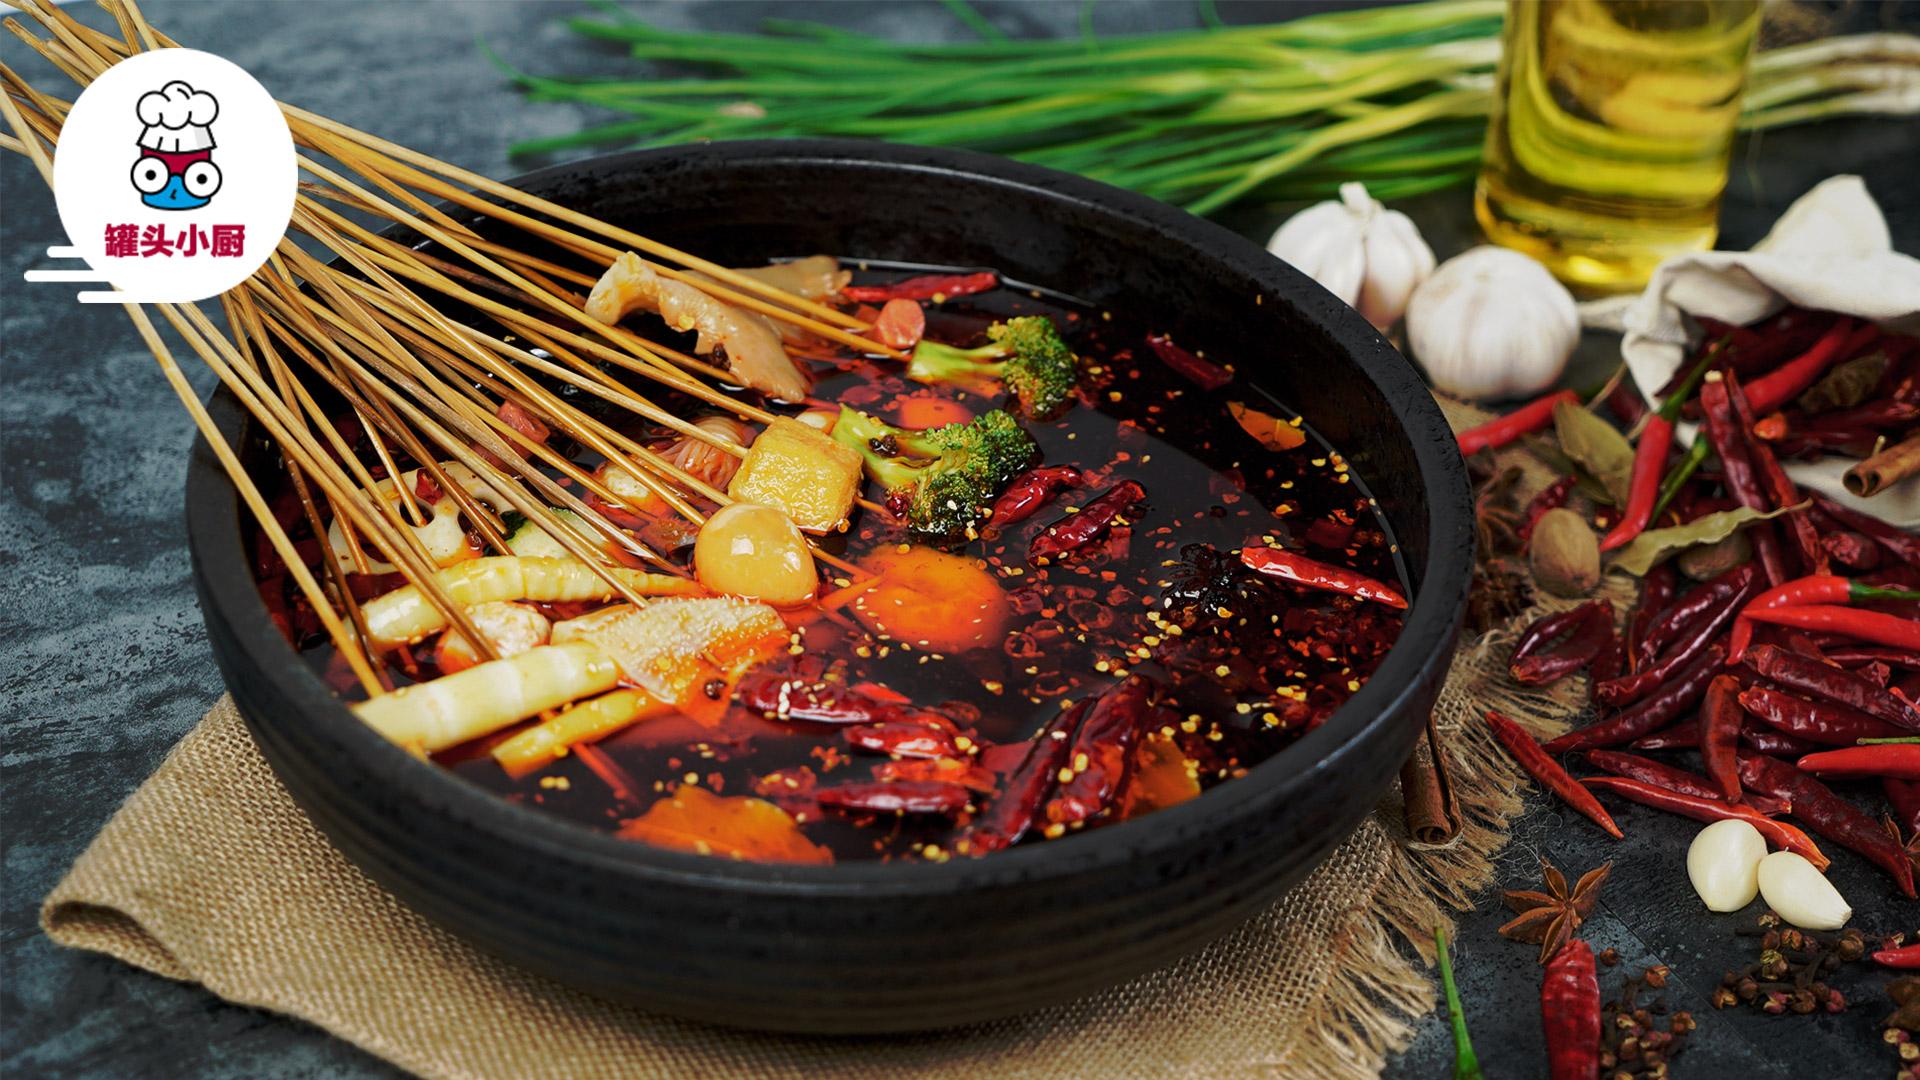 冷锅串串红油汤底轻松调